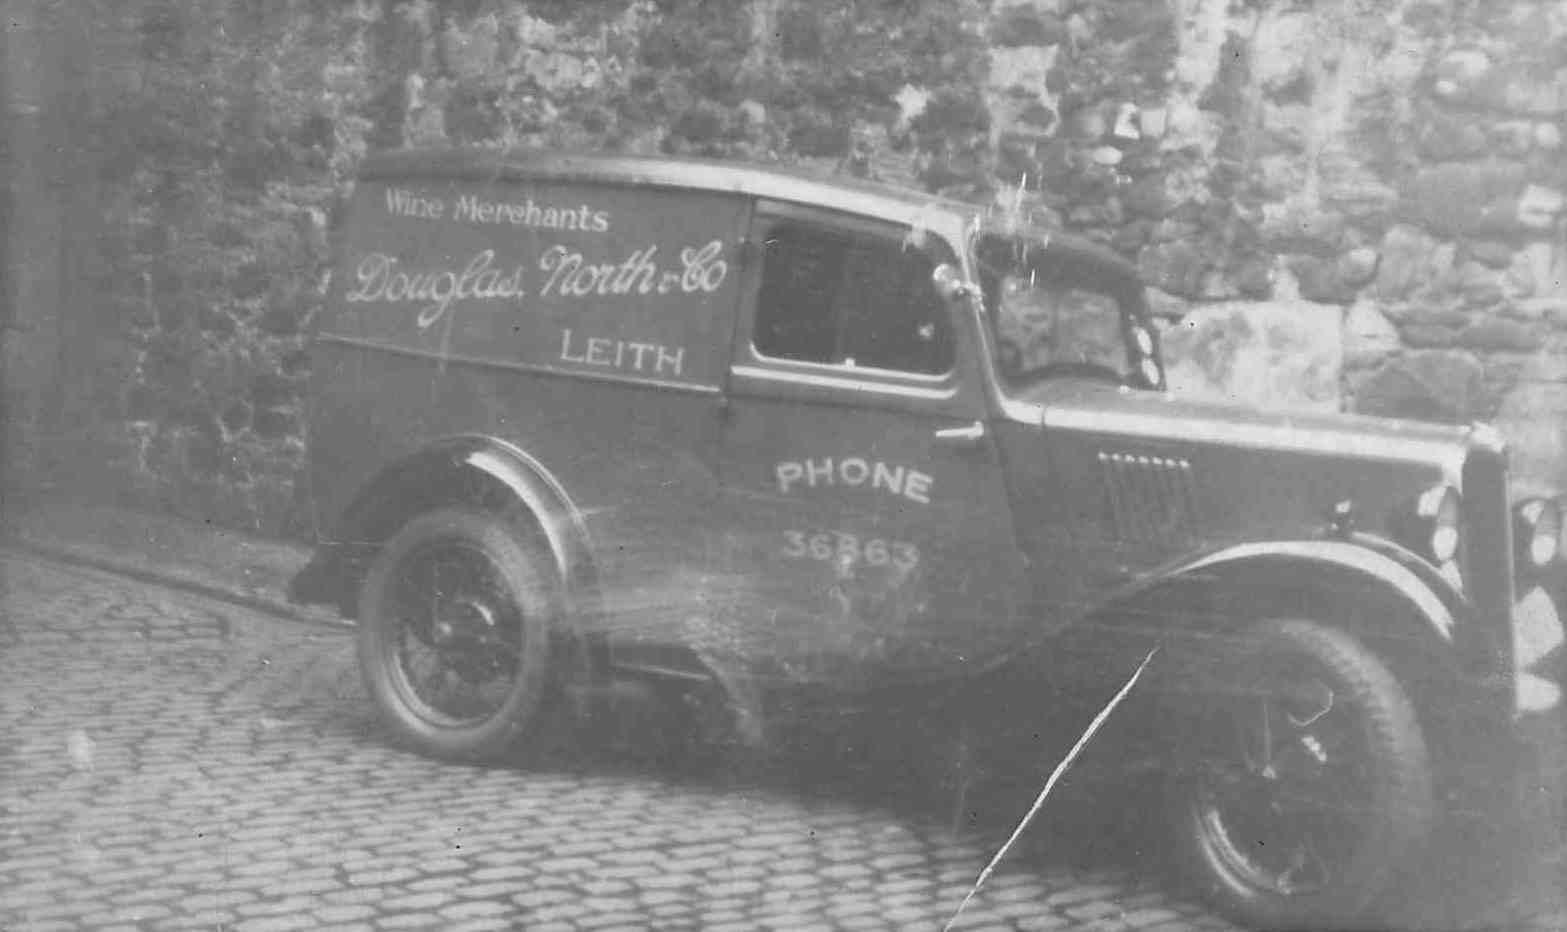 Douglas North & Co, wine merchants van